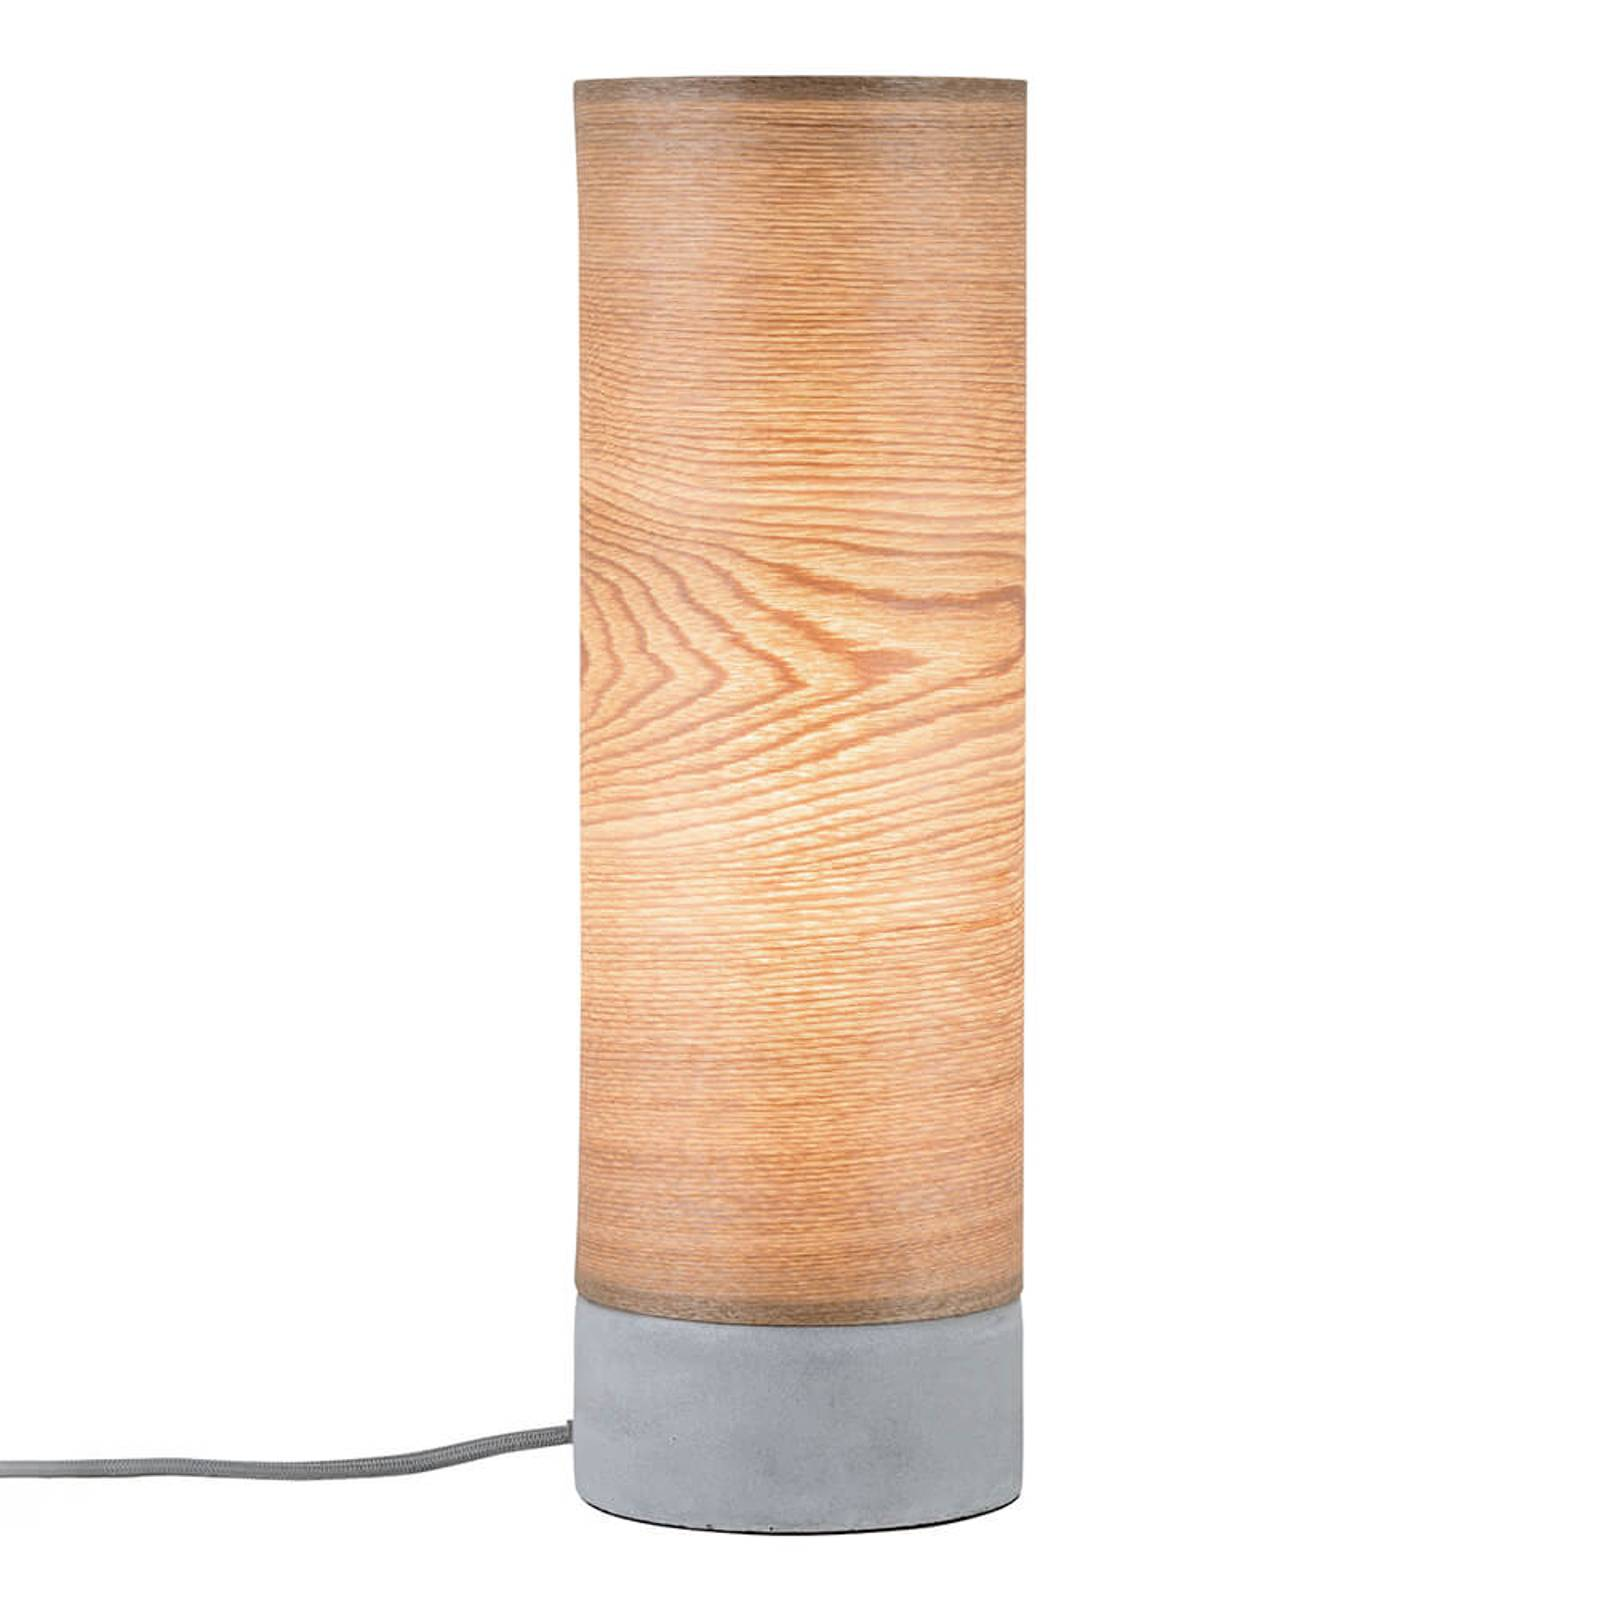 Paulmann Skadi Tischleuchte mit Holz und Beton